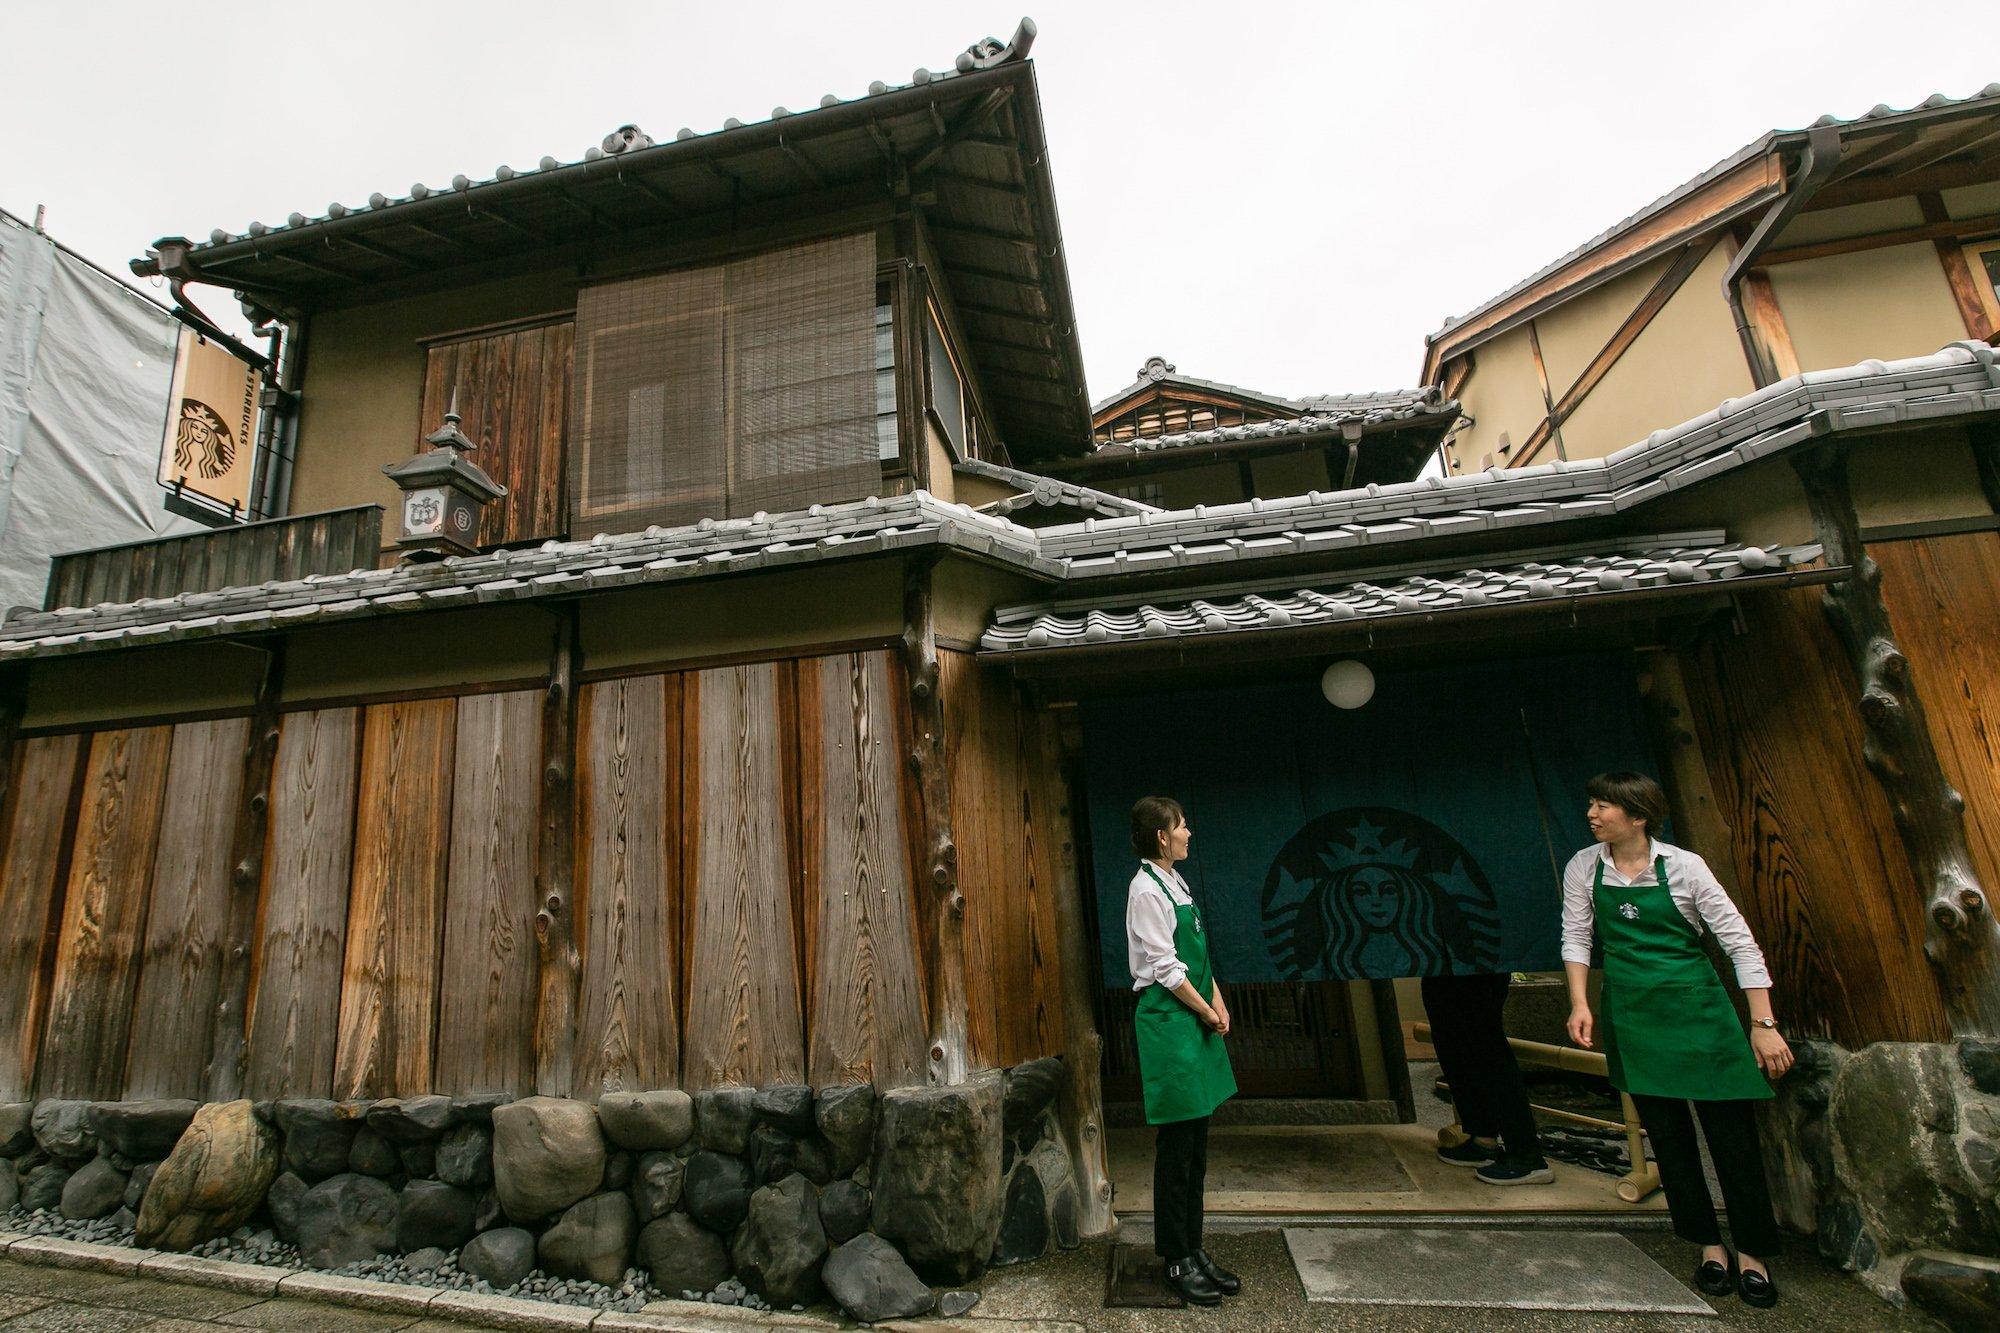 Starbucks, Geyşalara Ev Sahipliği Yapmış 100 Yıllık Bir Japon Evinde Şube Açtı